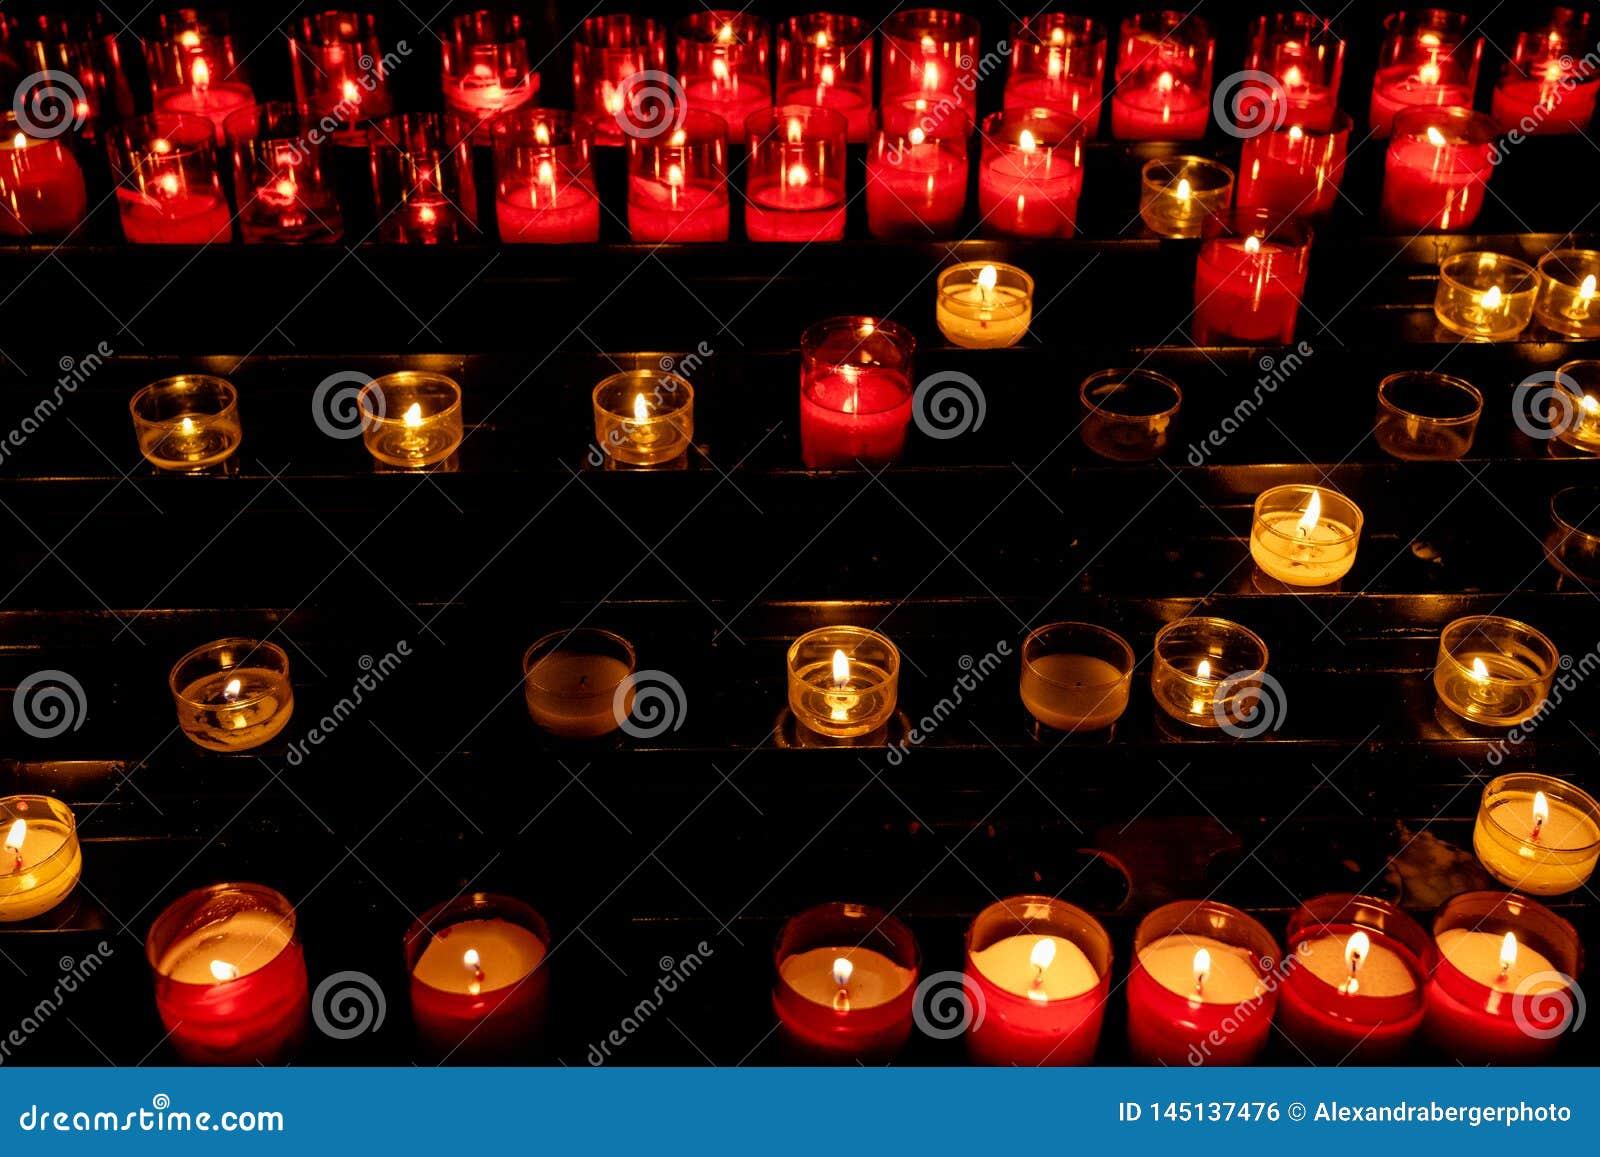 白色和红灯蜡烛在教会里在黑暗中